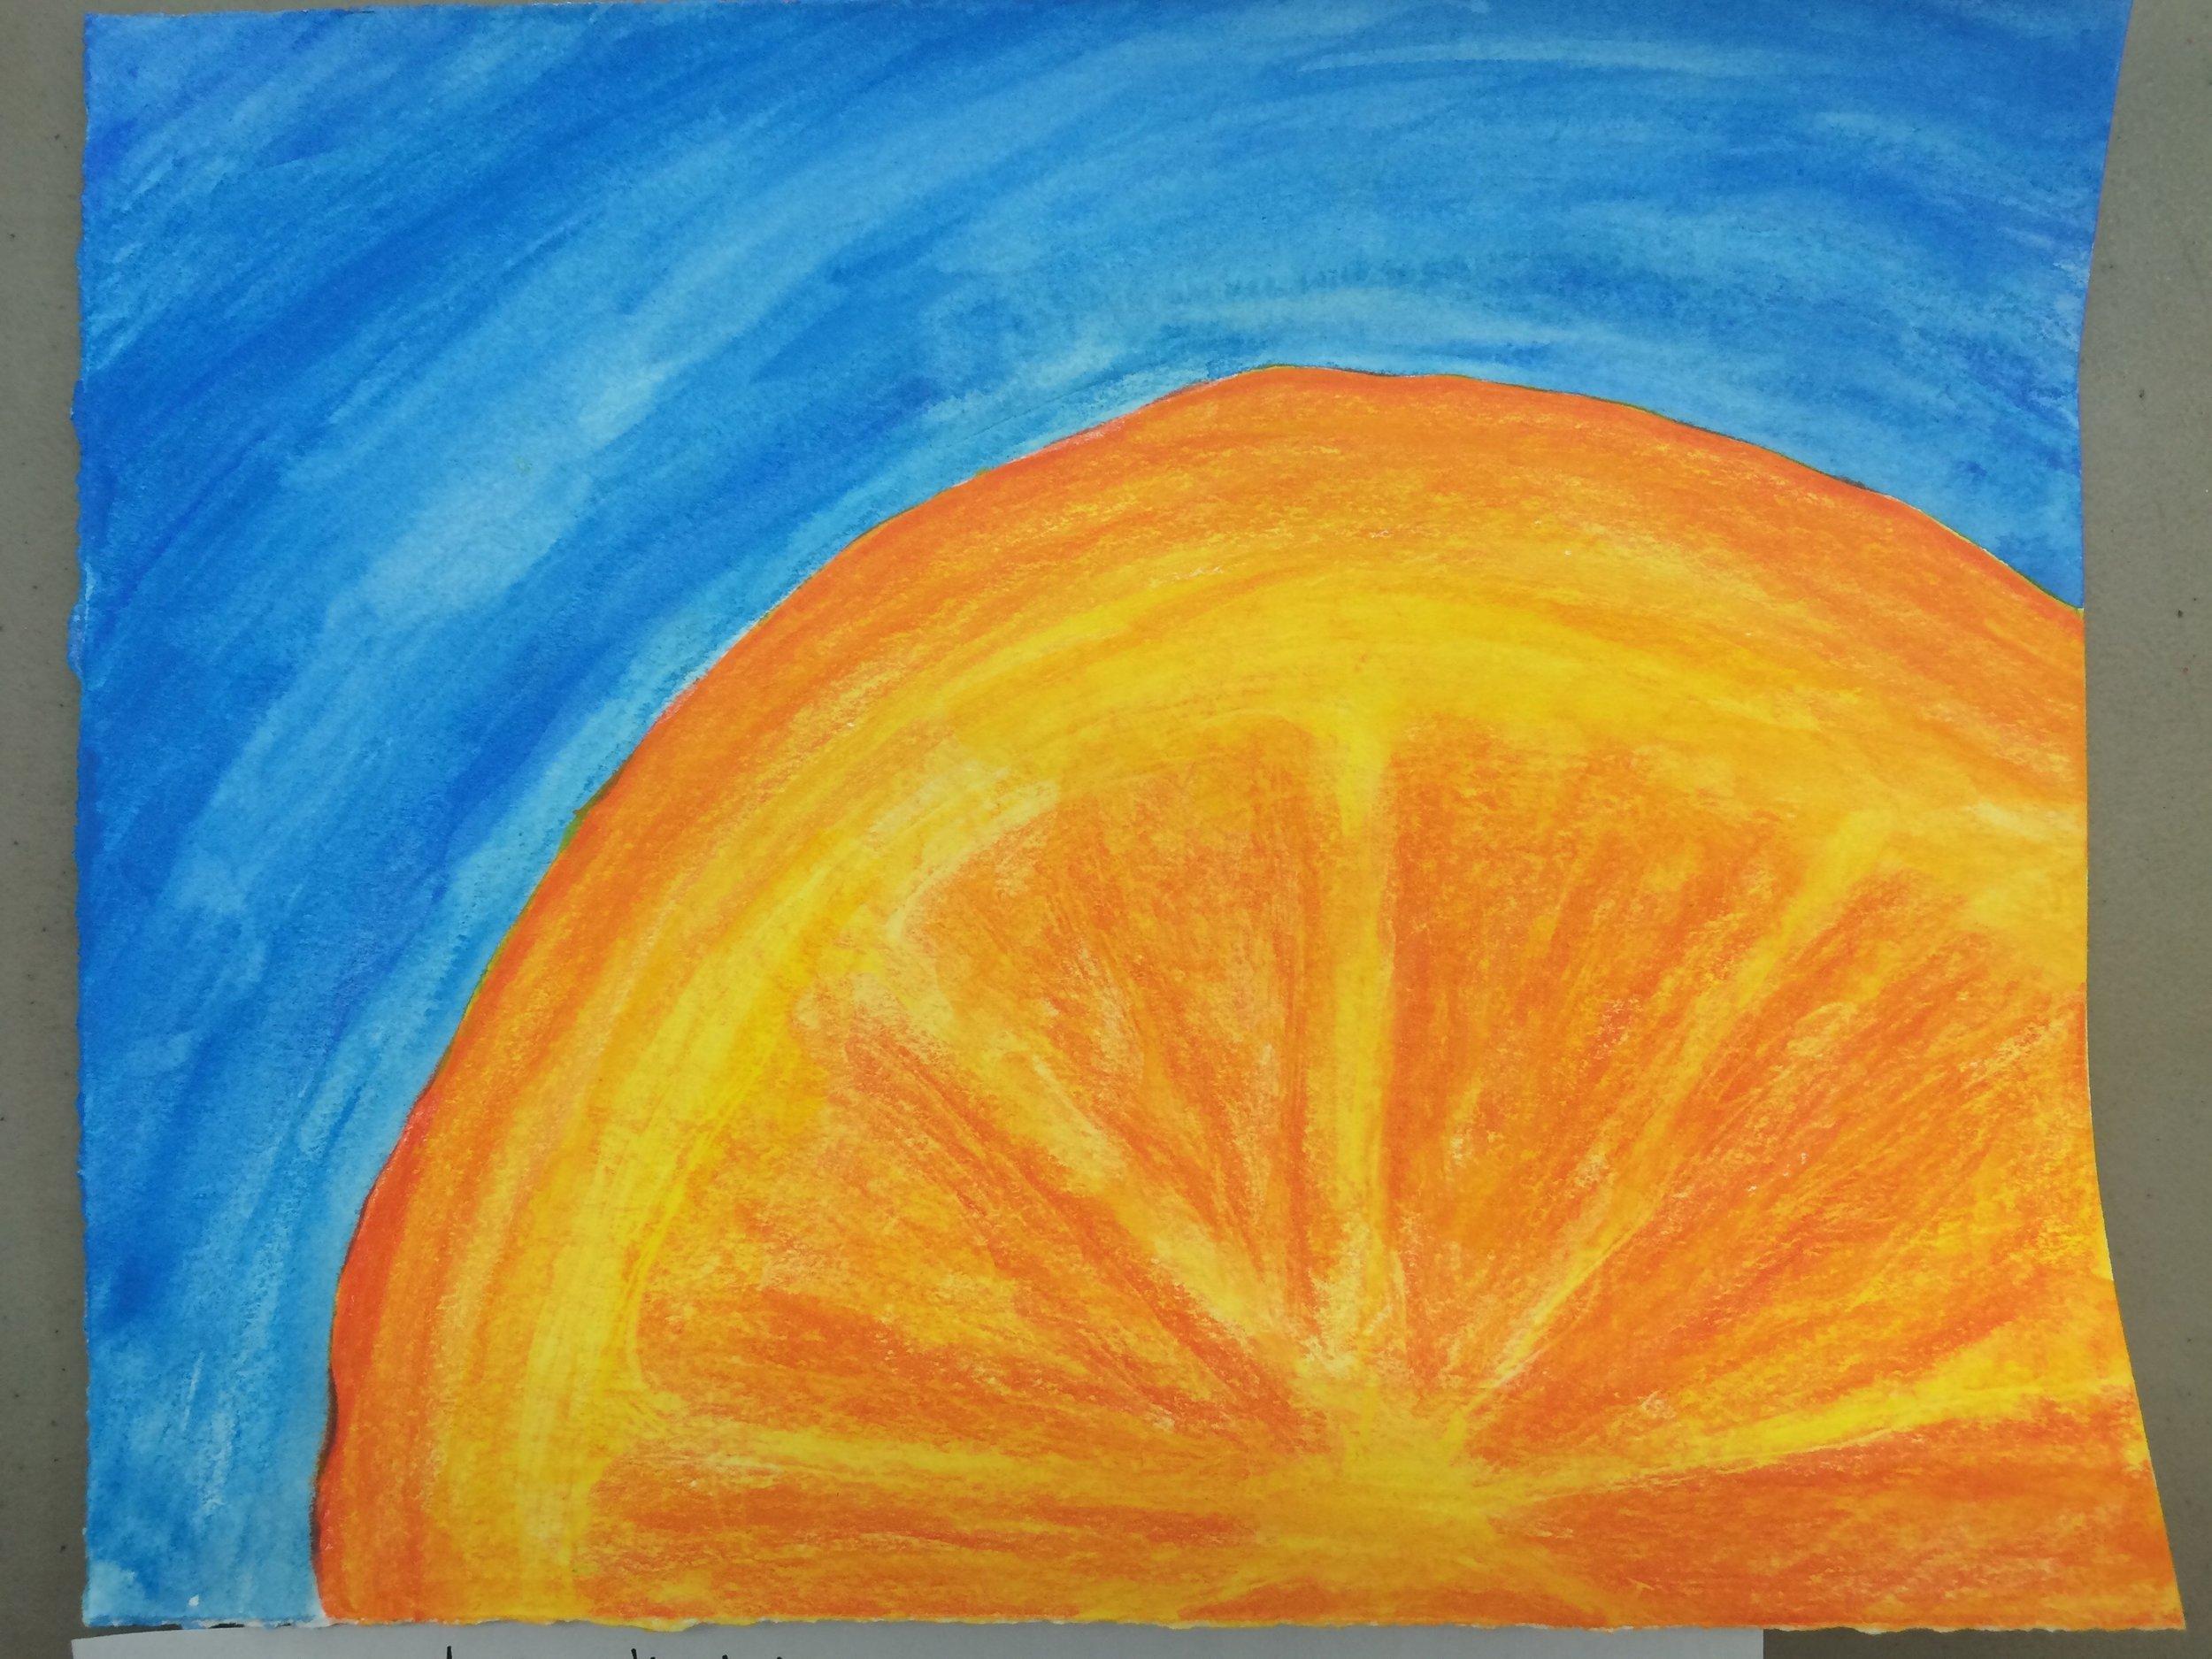 HillAaron_Watercolor_SliceoOrange.jpg